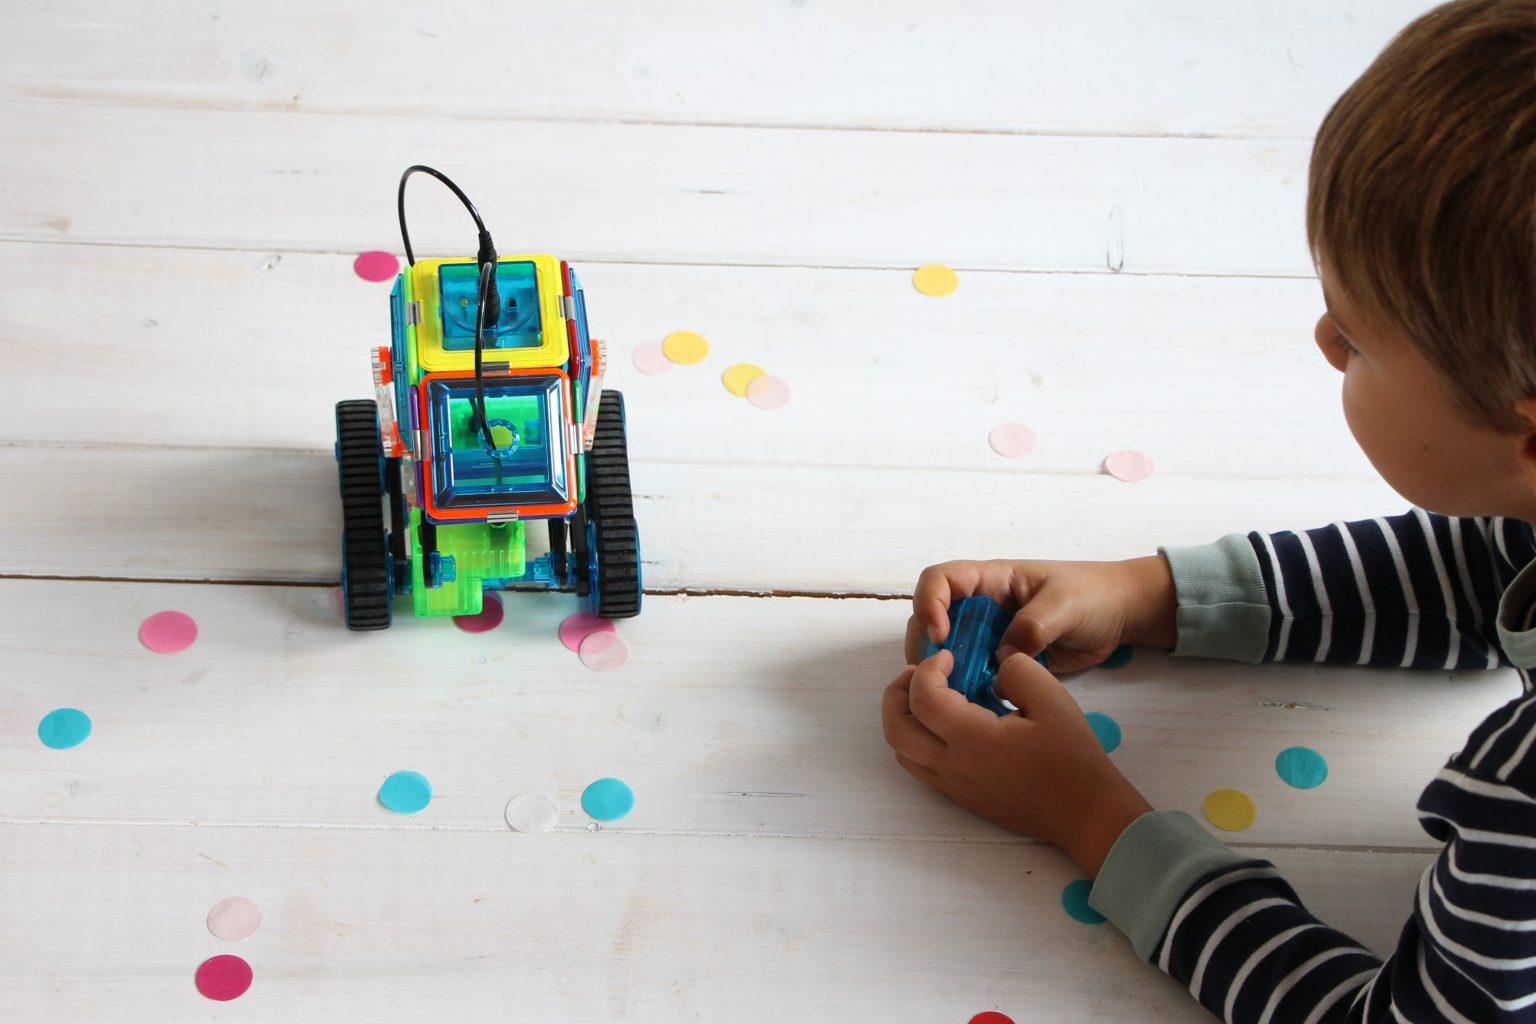 Kinder für Technik begeistern